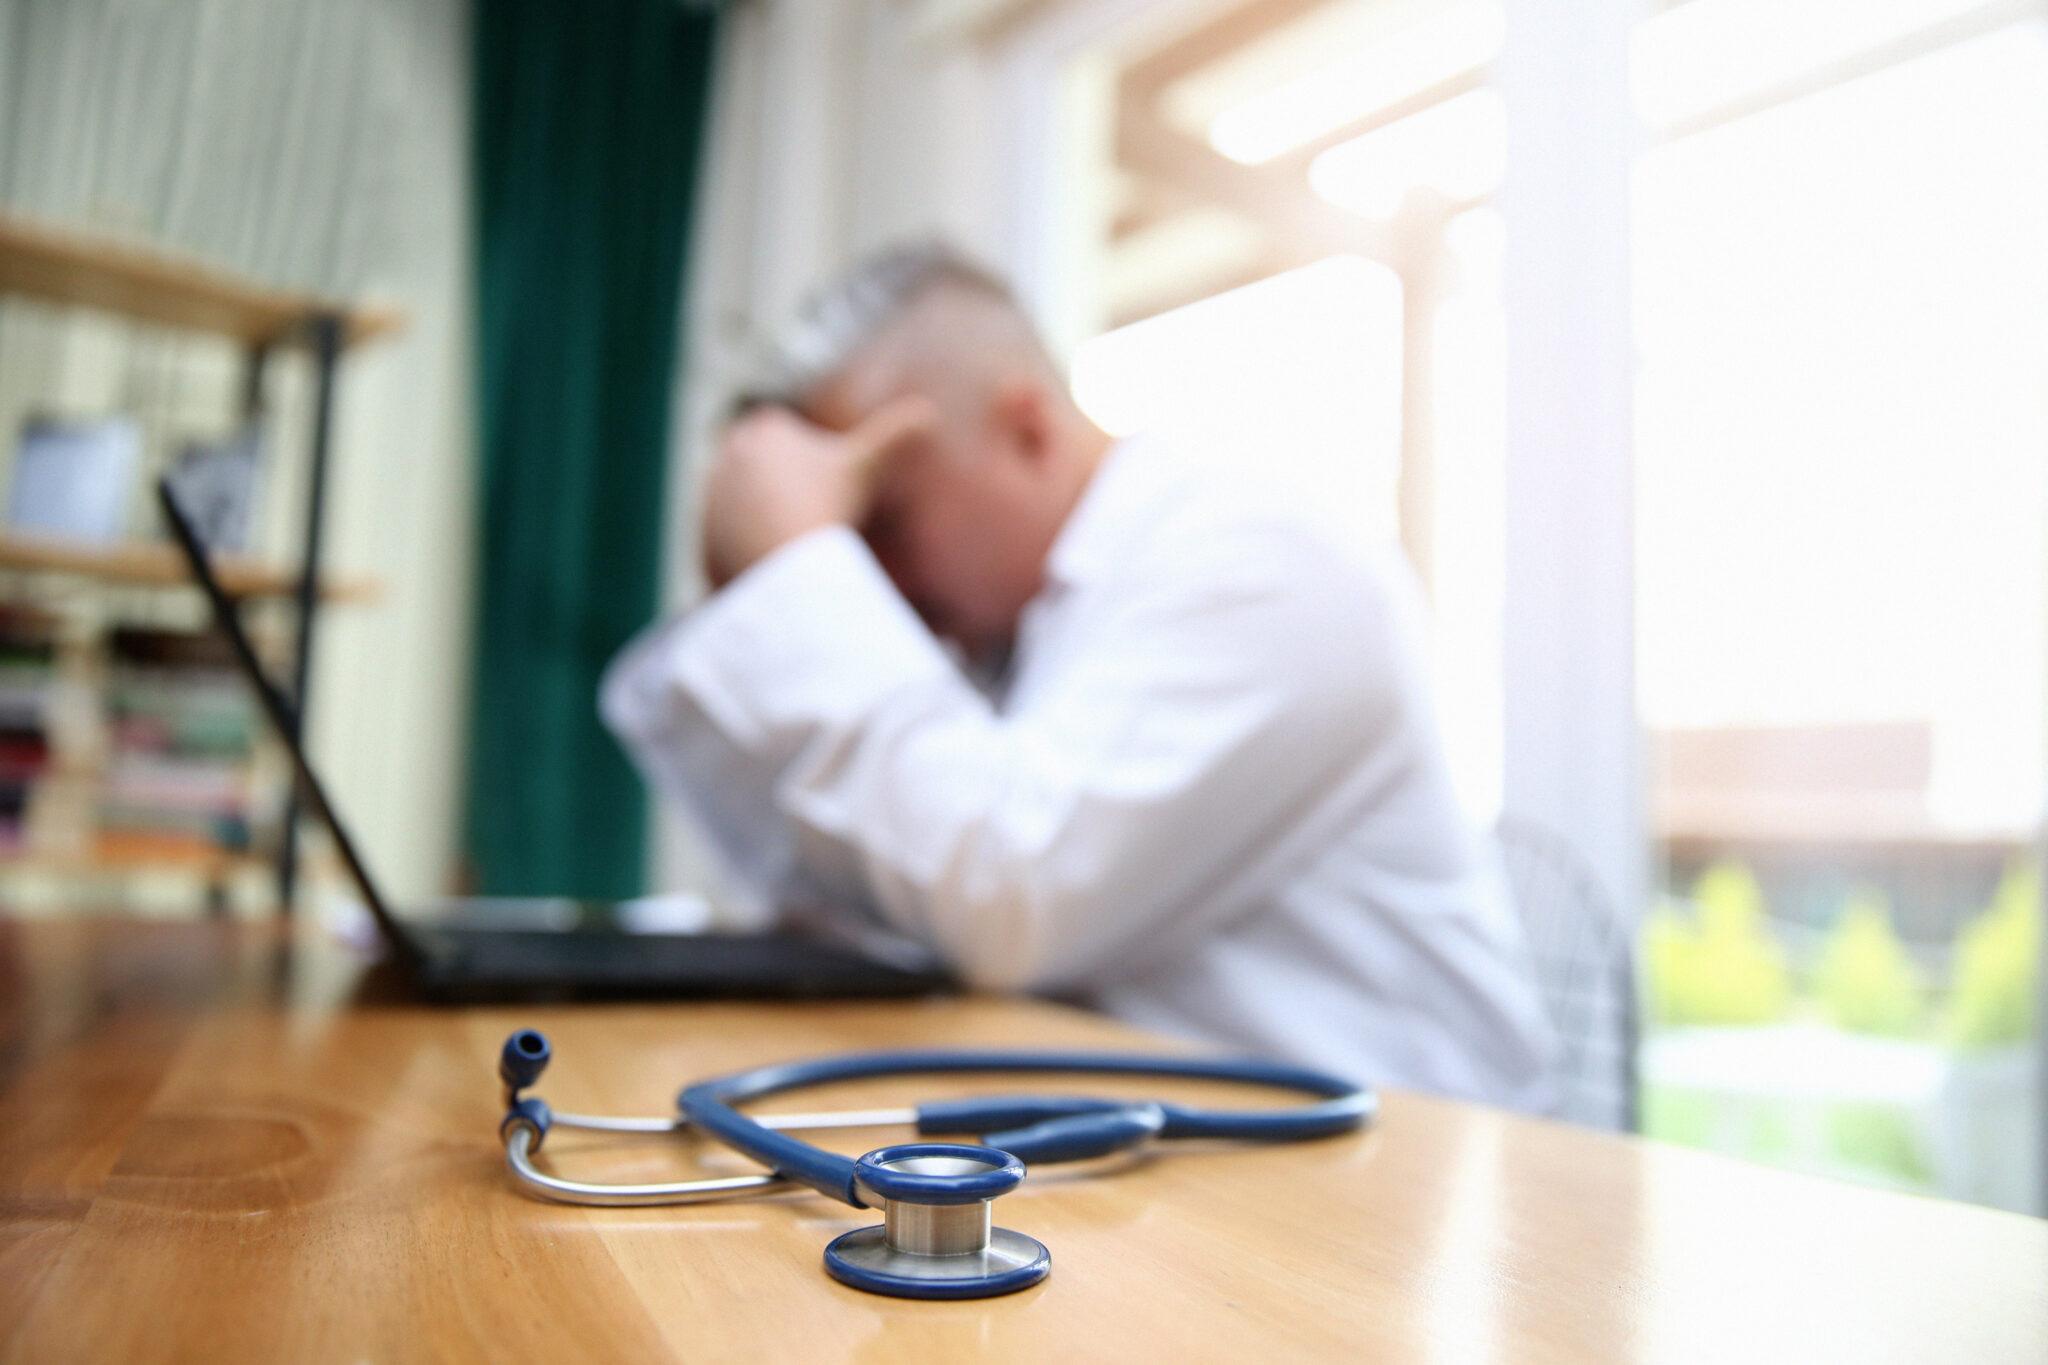 Verzweifelter Arzt, der sich auf dem Tisch aufstützt